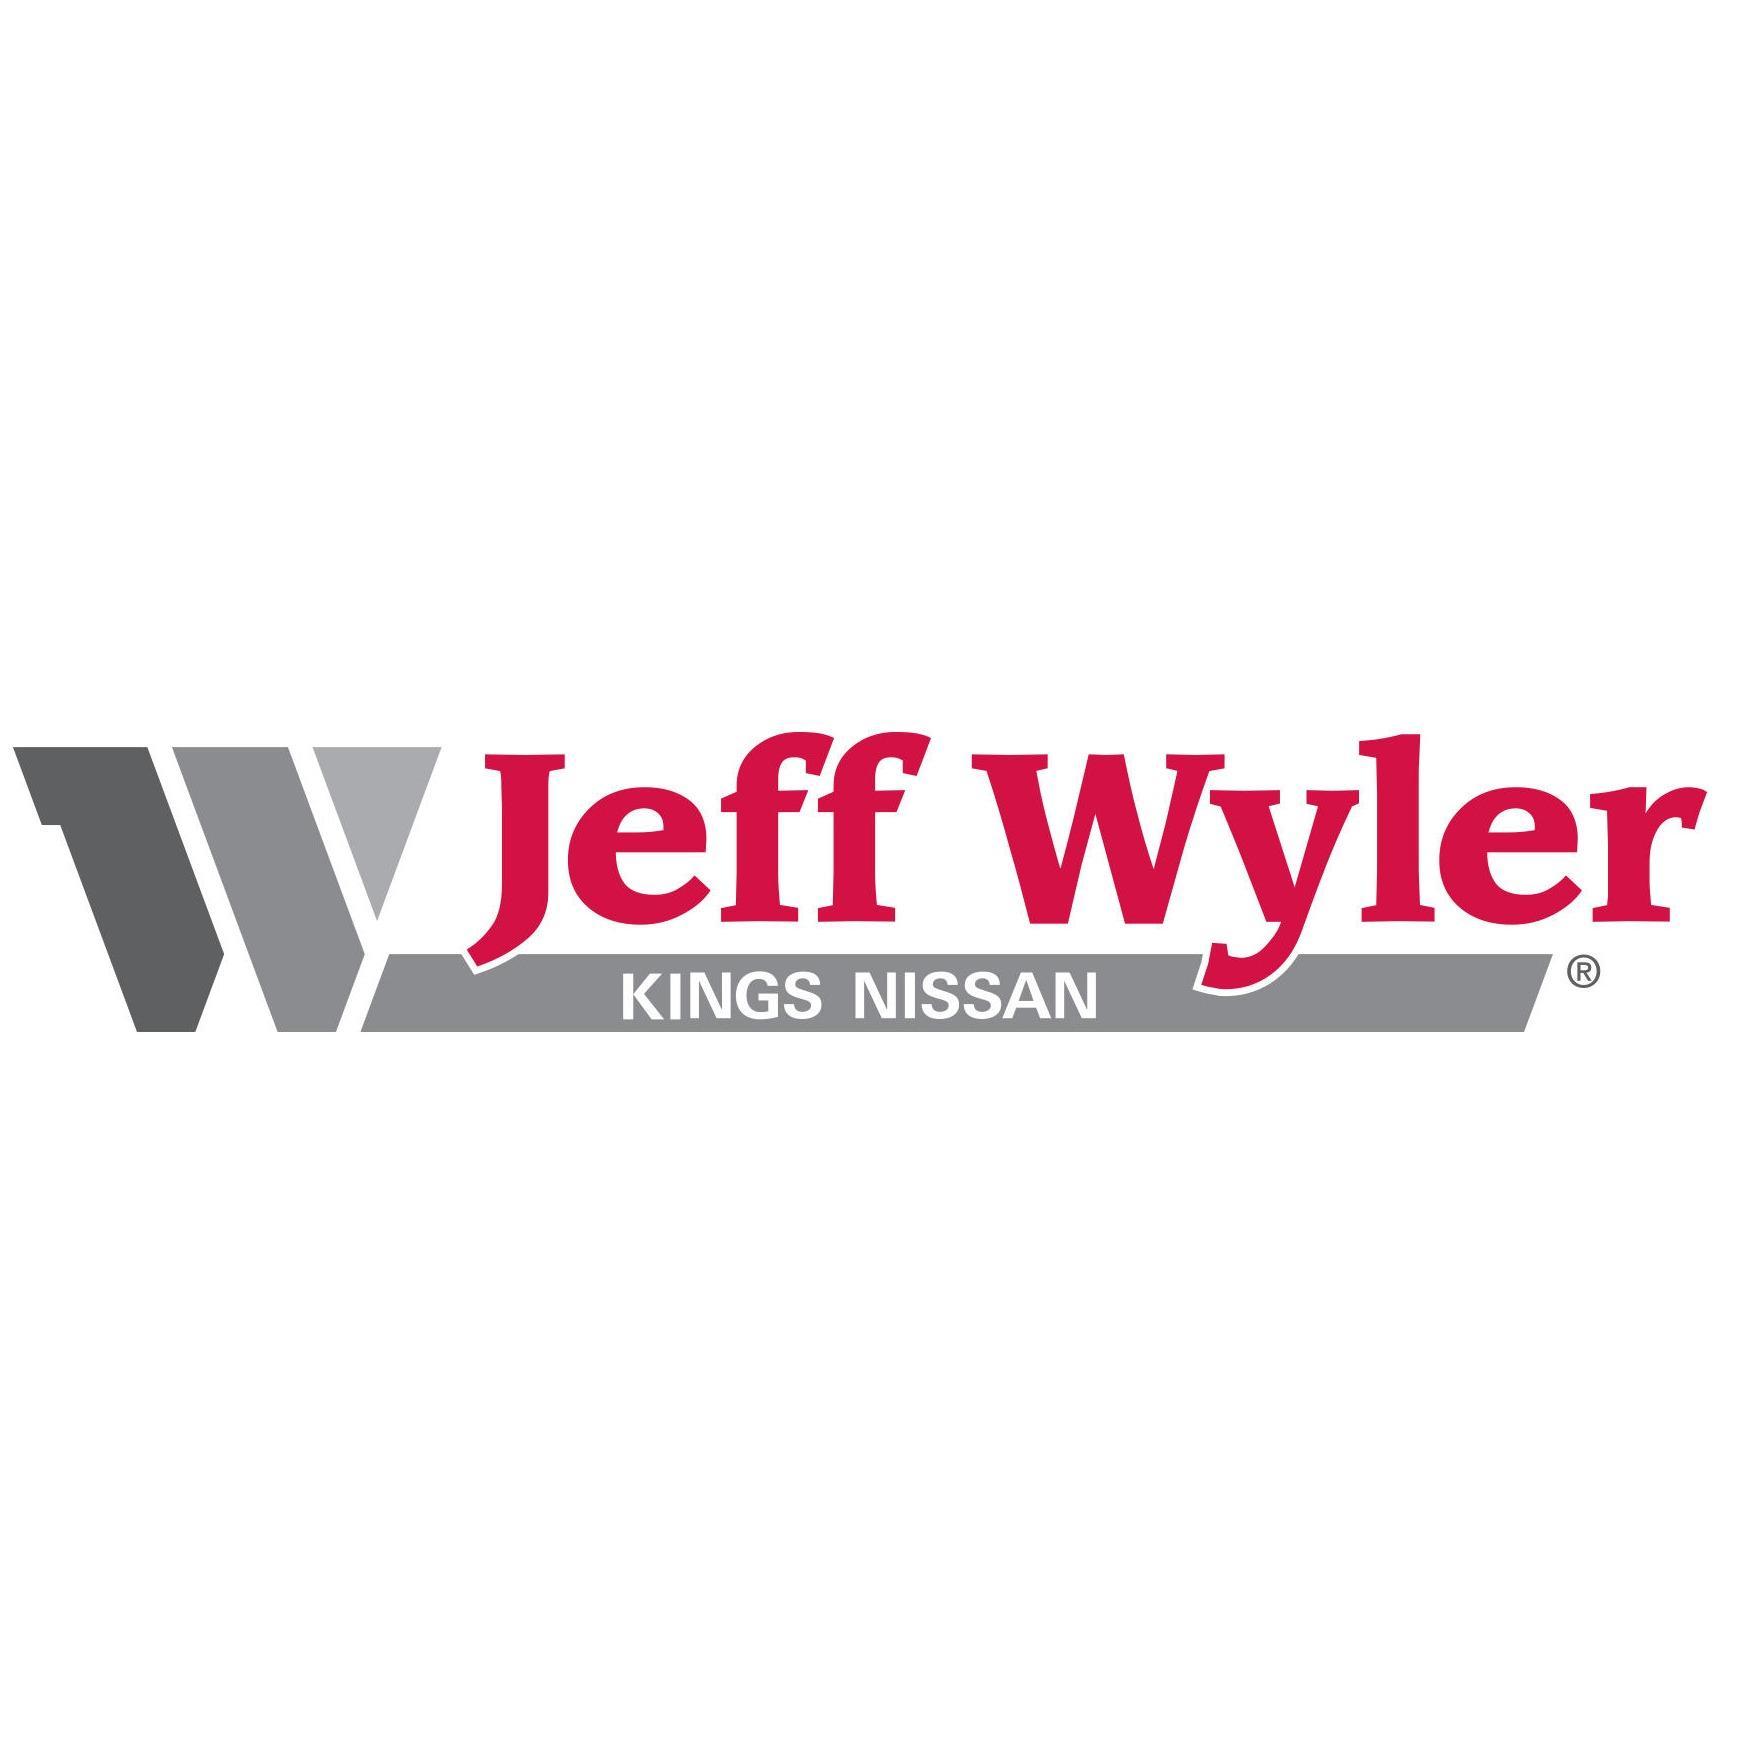 Jeff Wyler Nissan >> Jeff Wyler Kings Nissan 9819 Kings Auto Mall Road Cincinnati